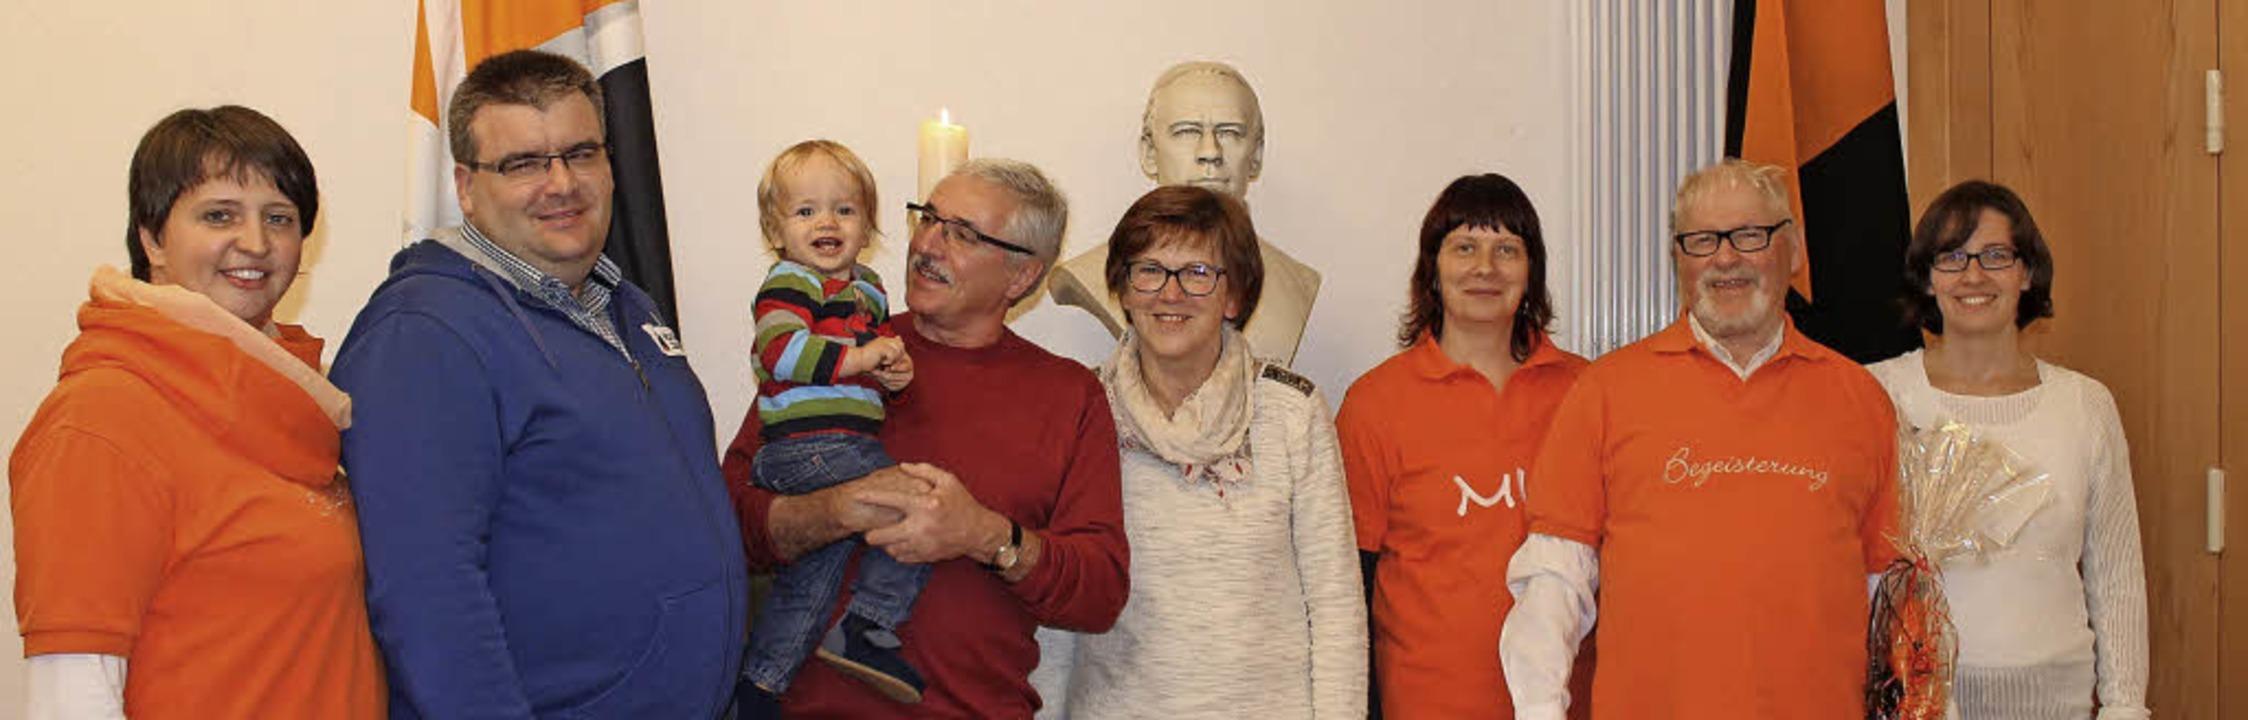 Die Kolpingfamilie Ettenheim hat langjährige Mitglieder geehrt.   | Foto: Privat